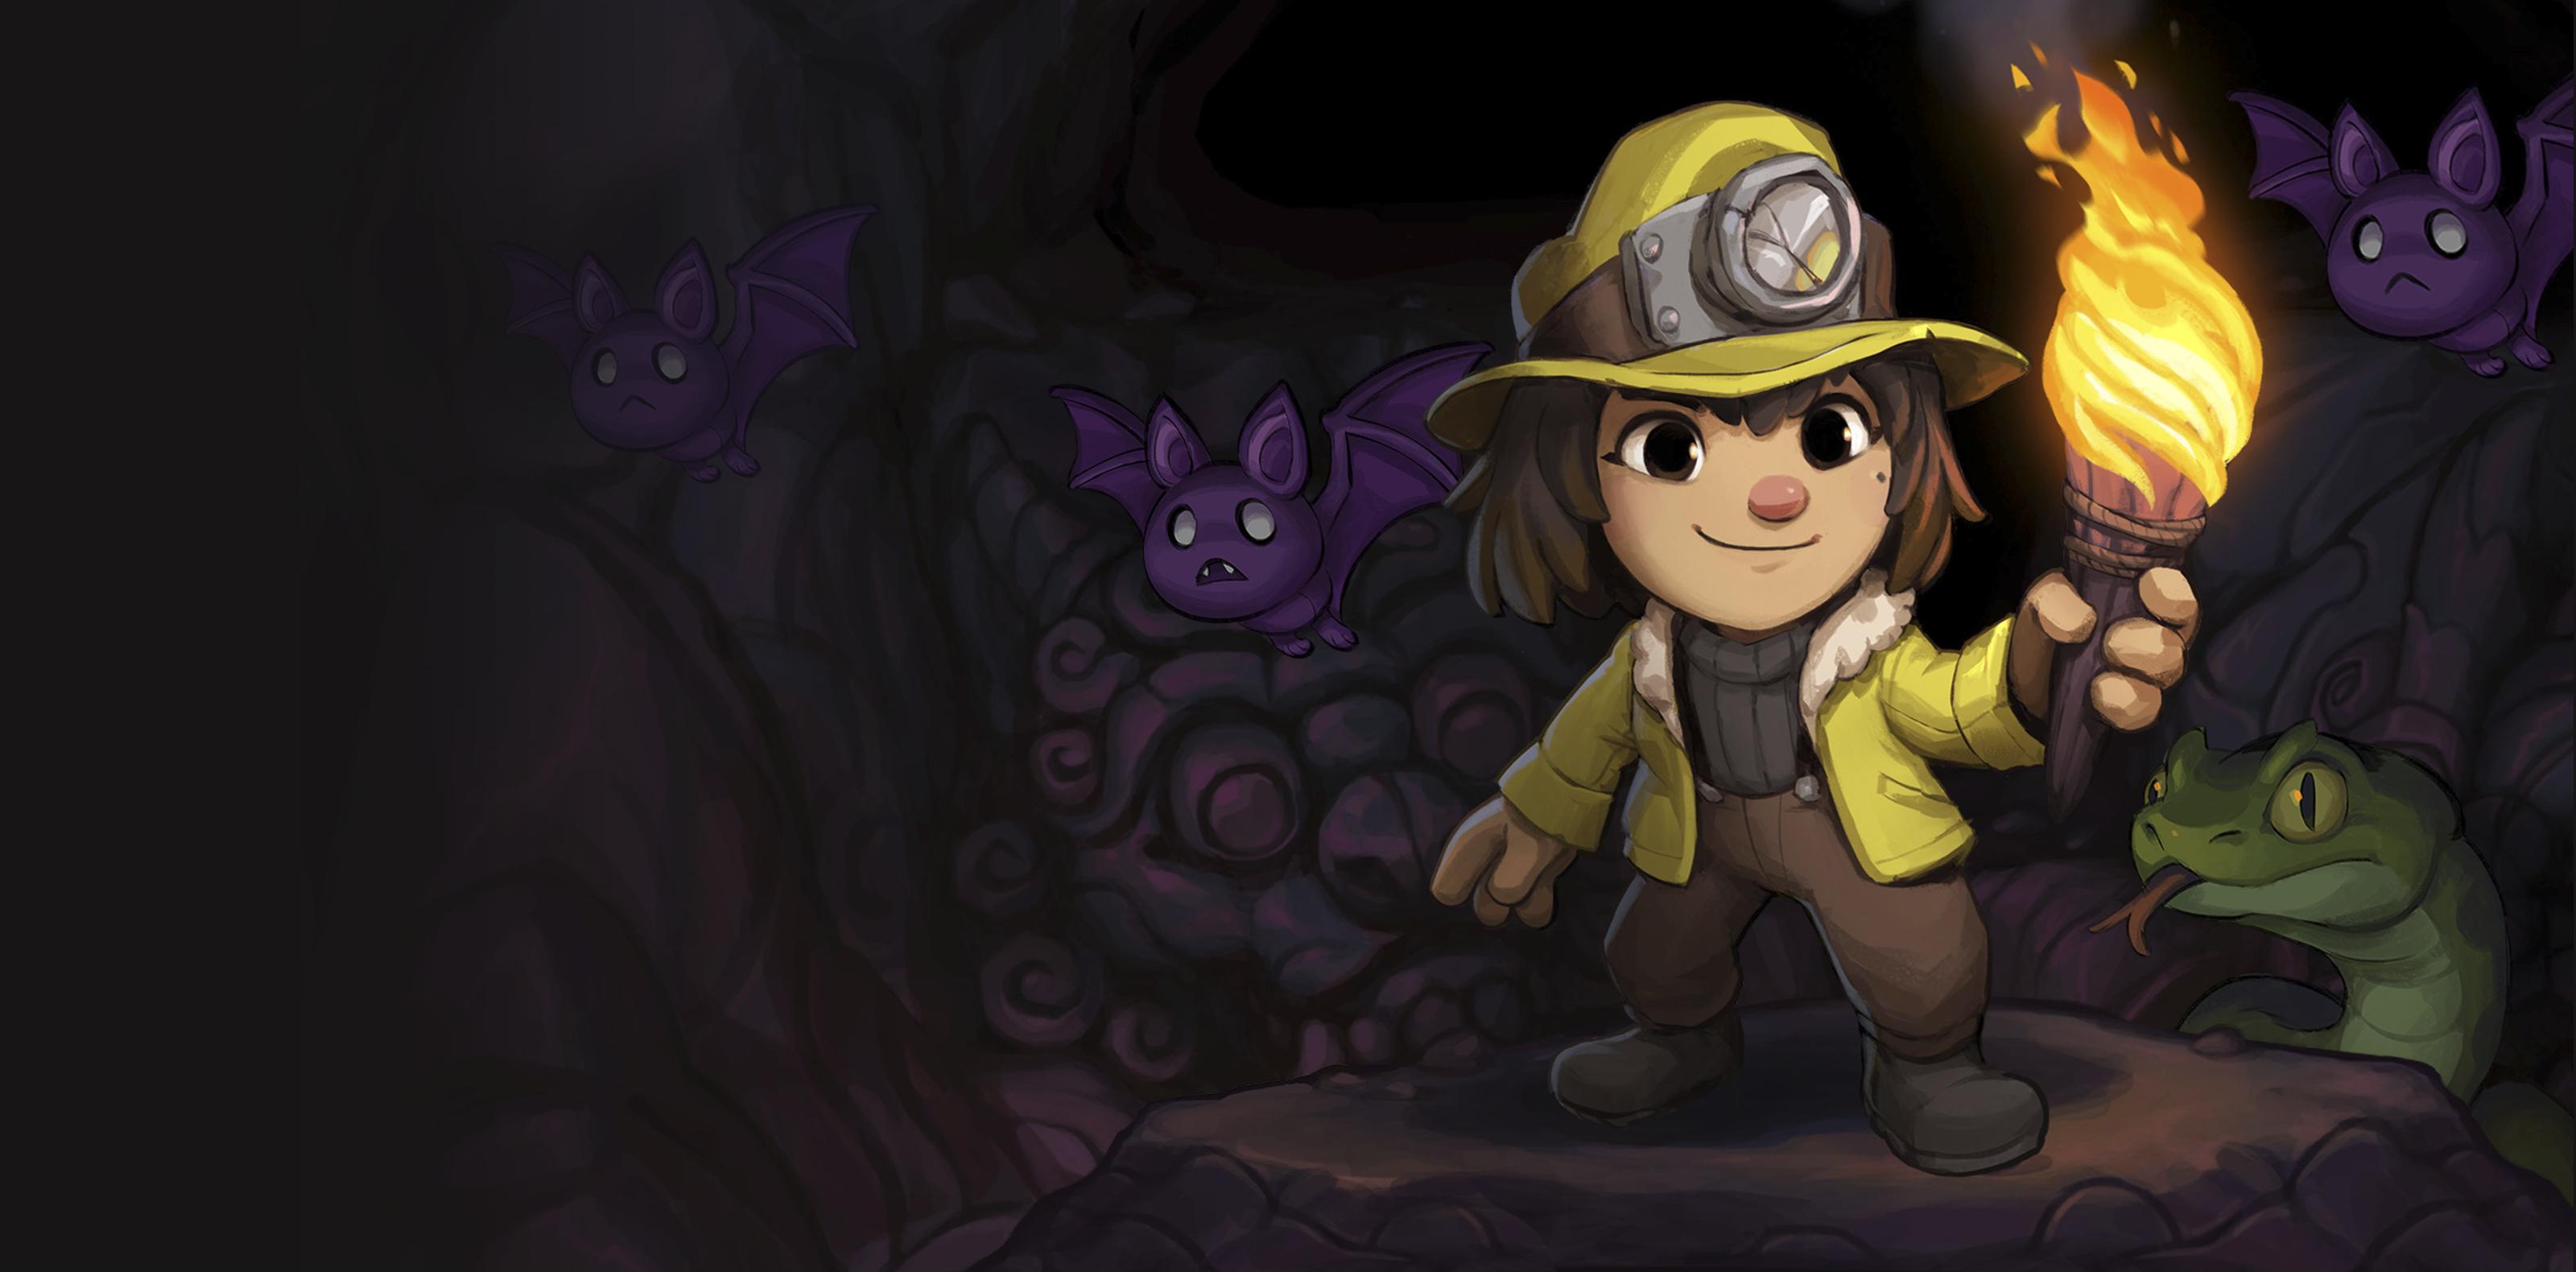 الصورة الفنية الأساسية للعبة Spelunky 2